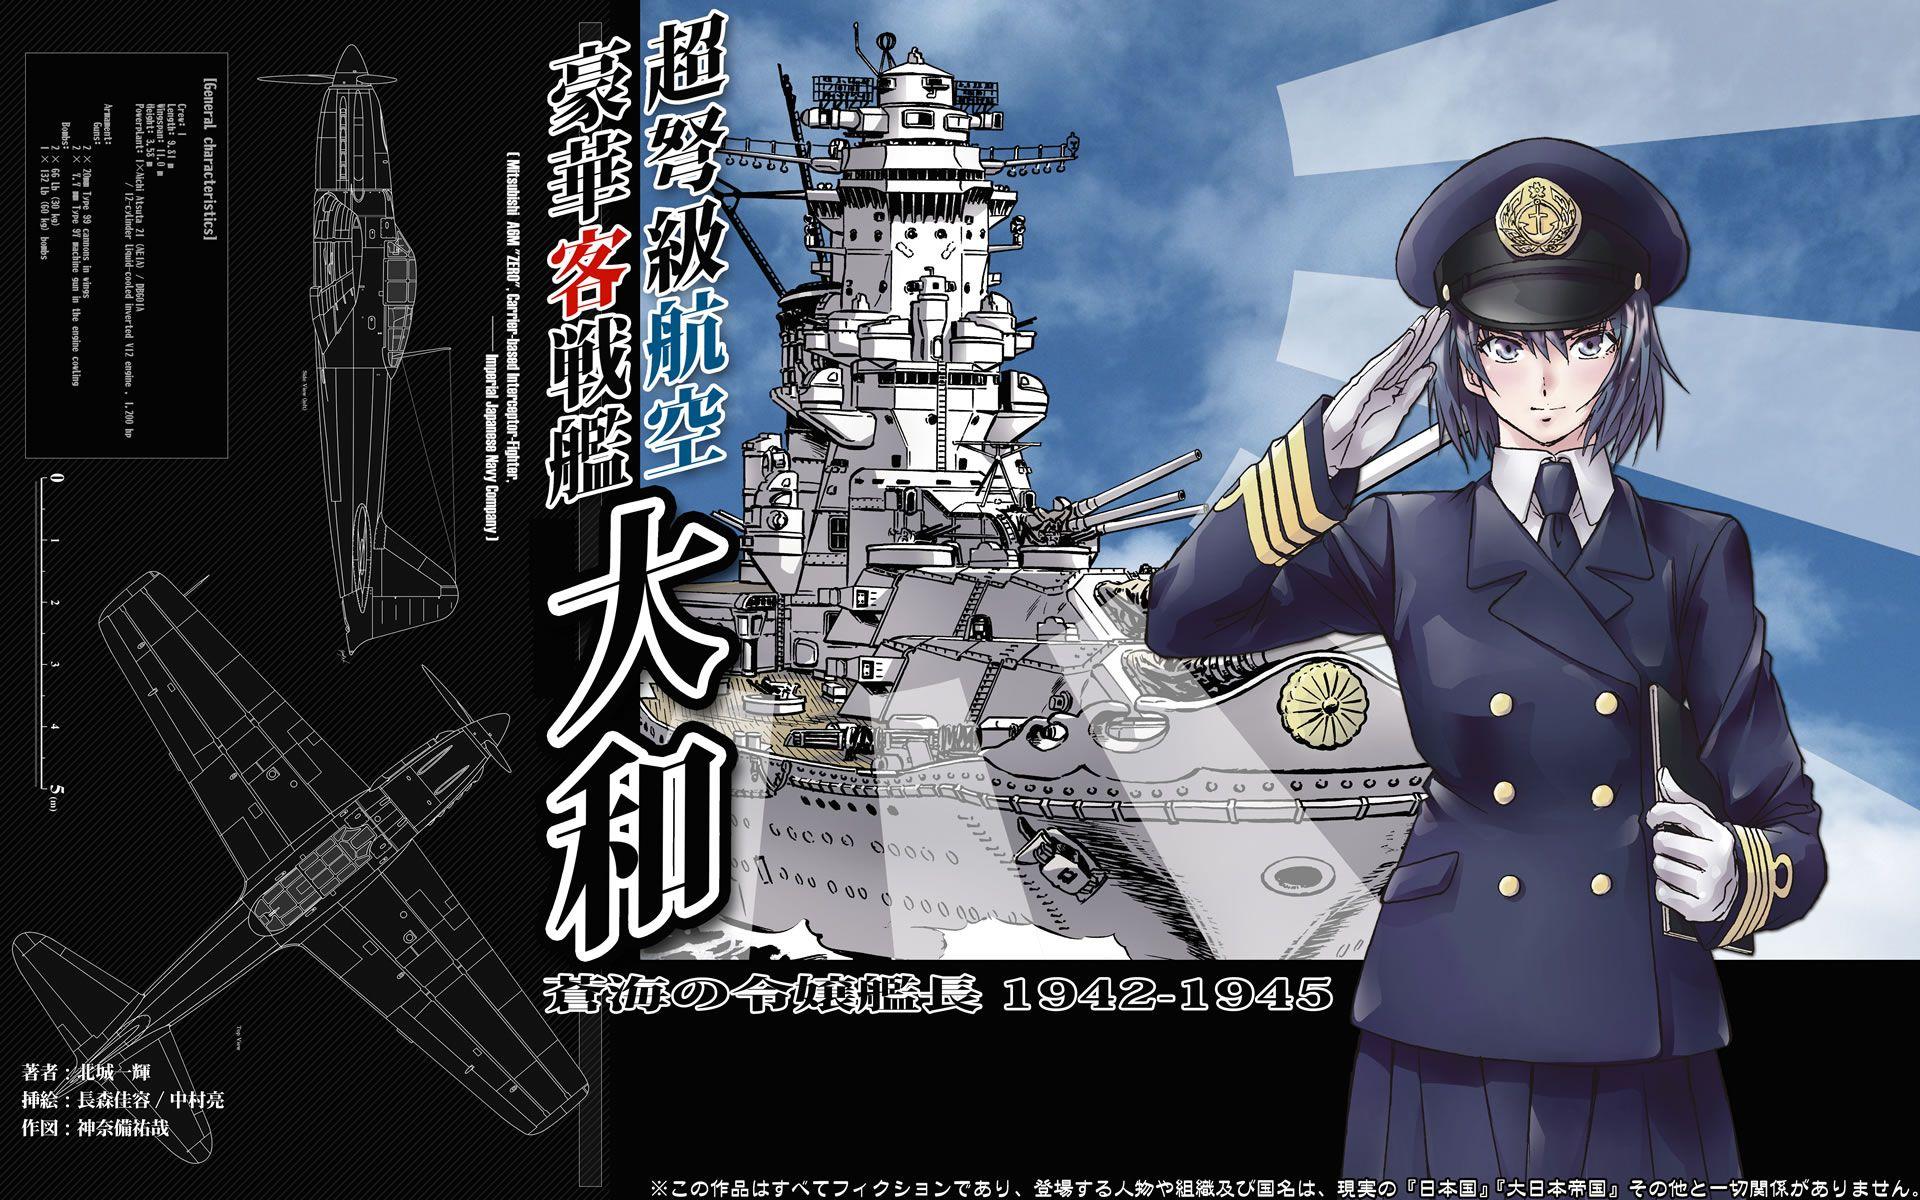 無料ダウンロード 戦艦 大和 壁紙 戦艦 大和 壁紙 戦艦